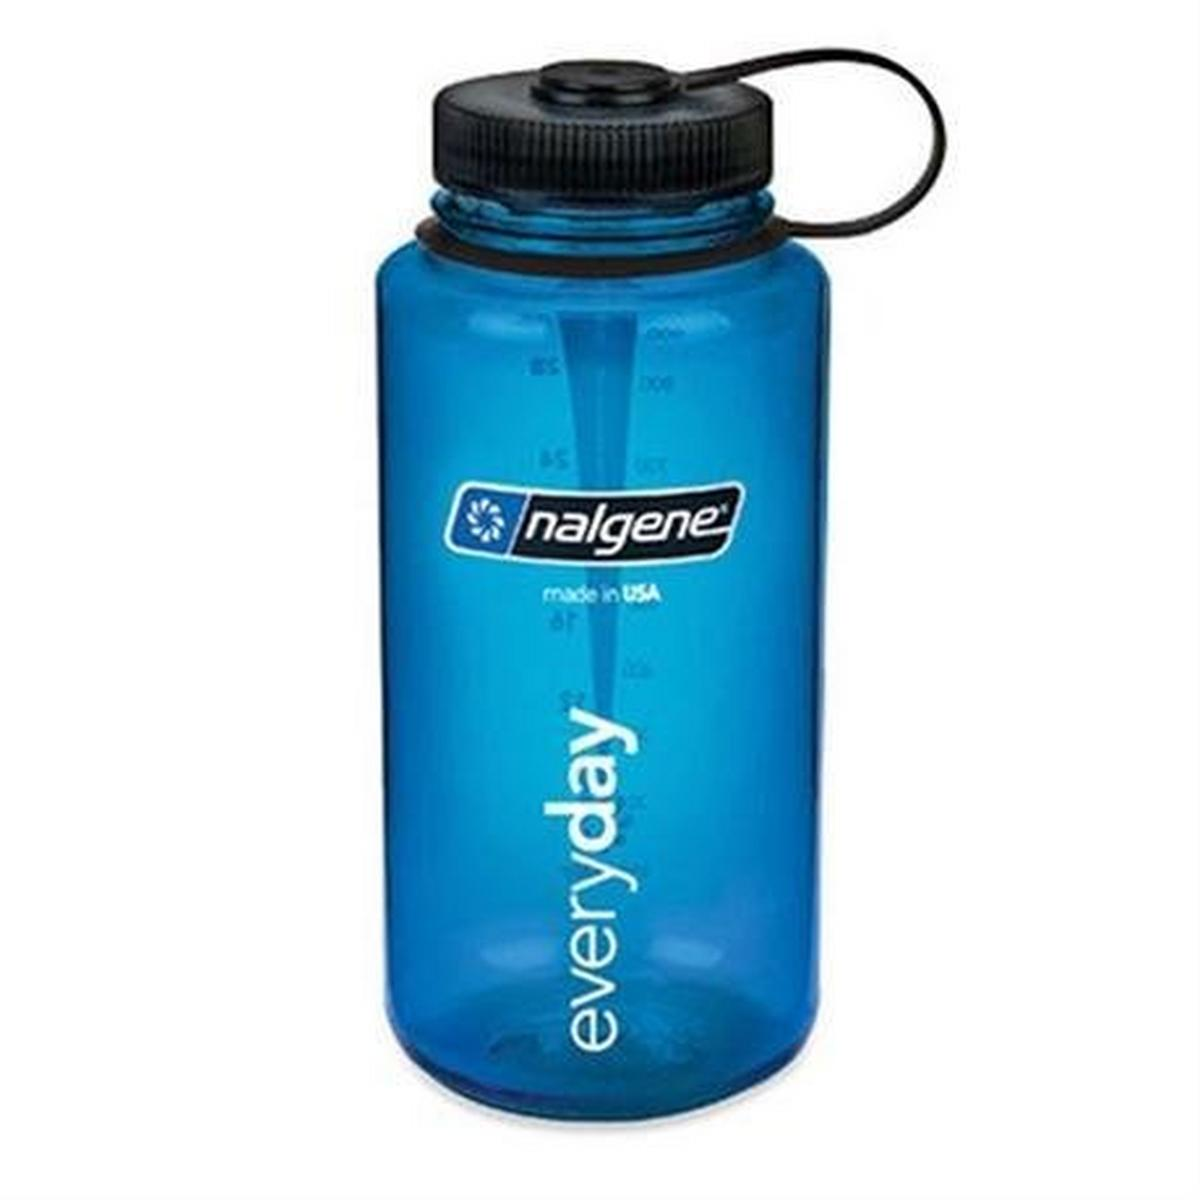 Nalgene Tritan 1L Wide Mouth Bottle Blue